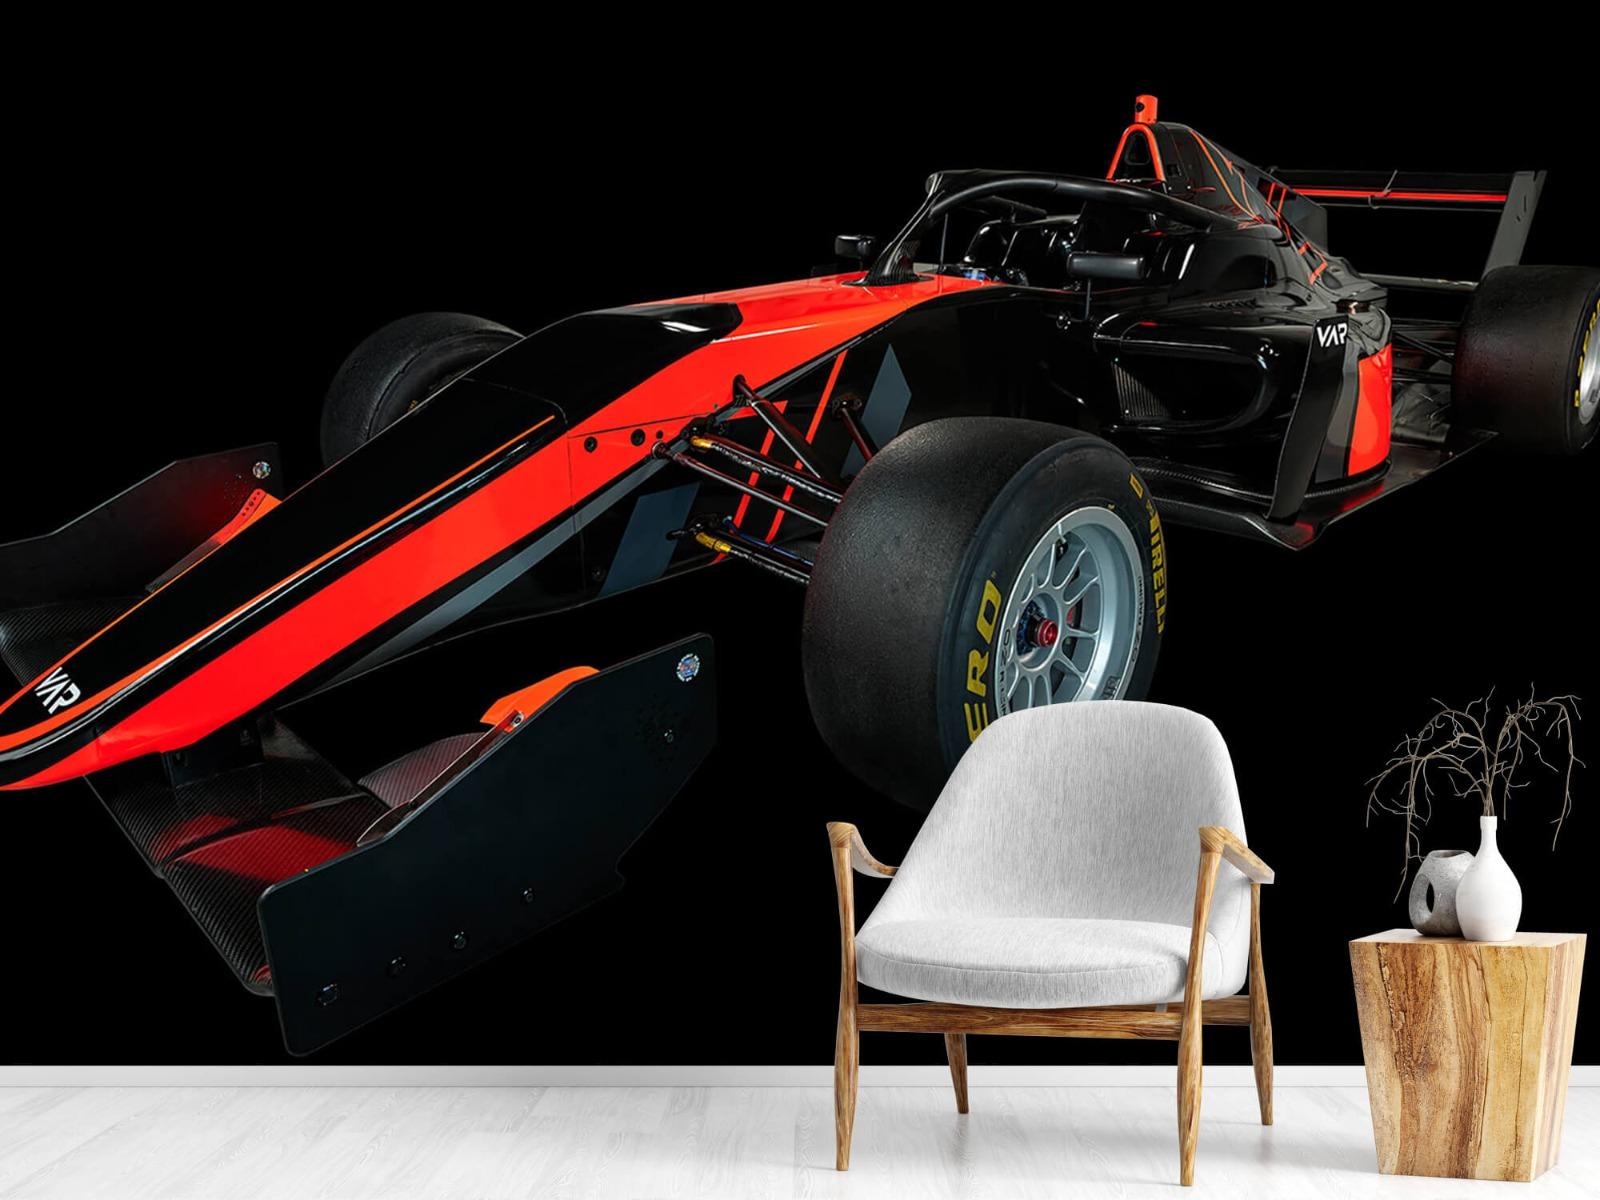 Sportauto's - Formule 3 - Left front view - dark - Vergaderruimte 18